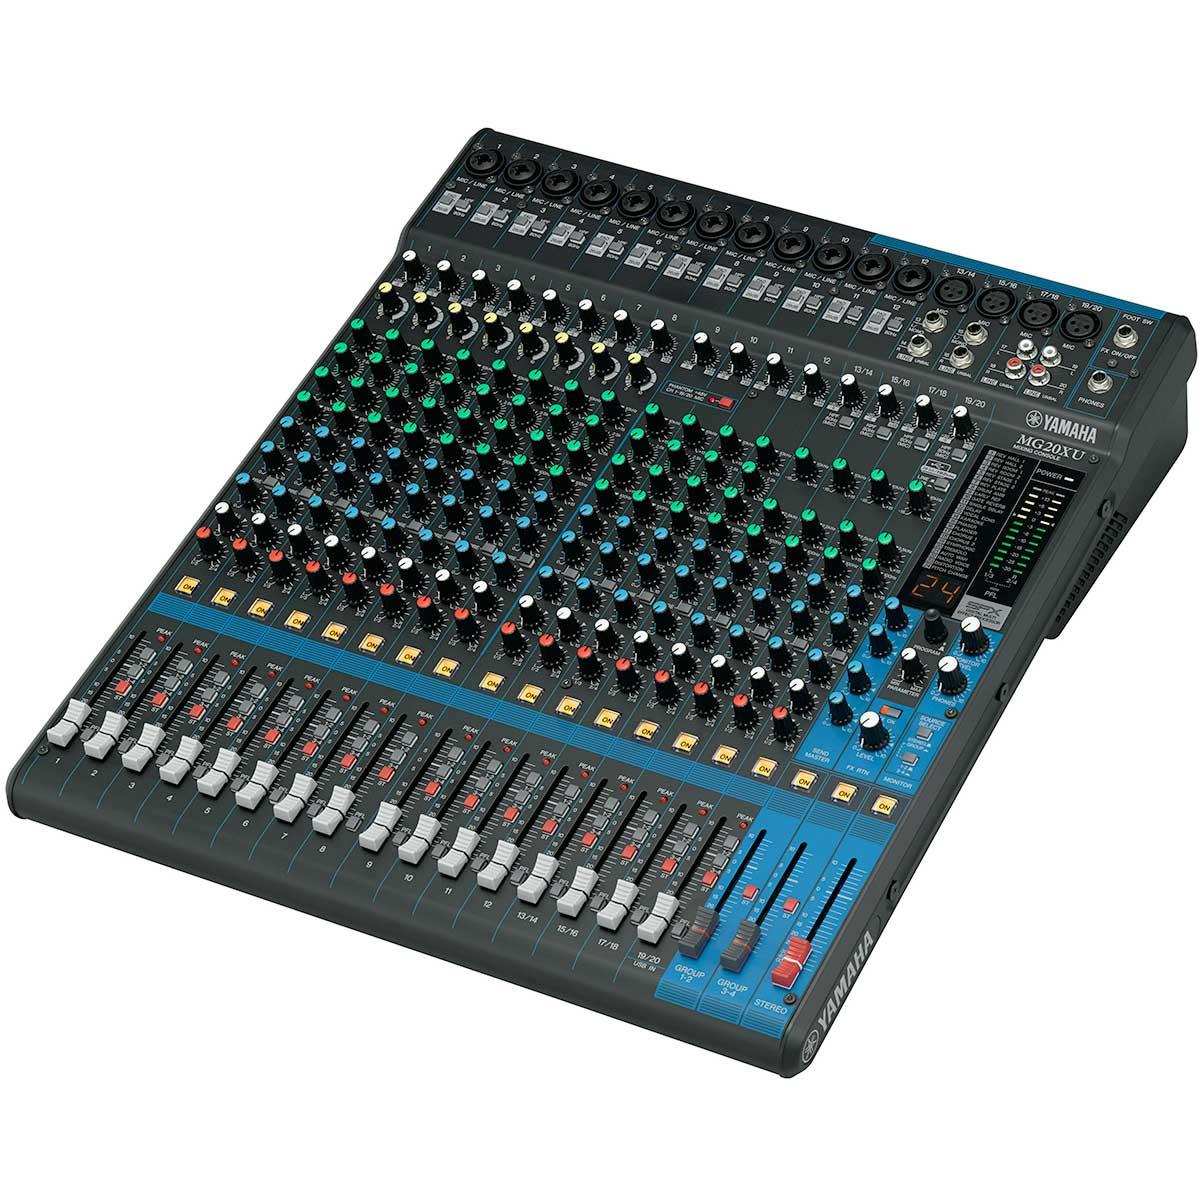 MG20XU - Mesa de Som / Mixer 20 Canais MG 20 X U - Yamaha